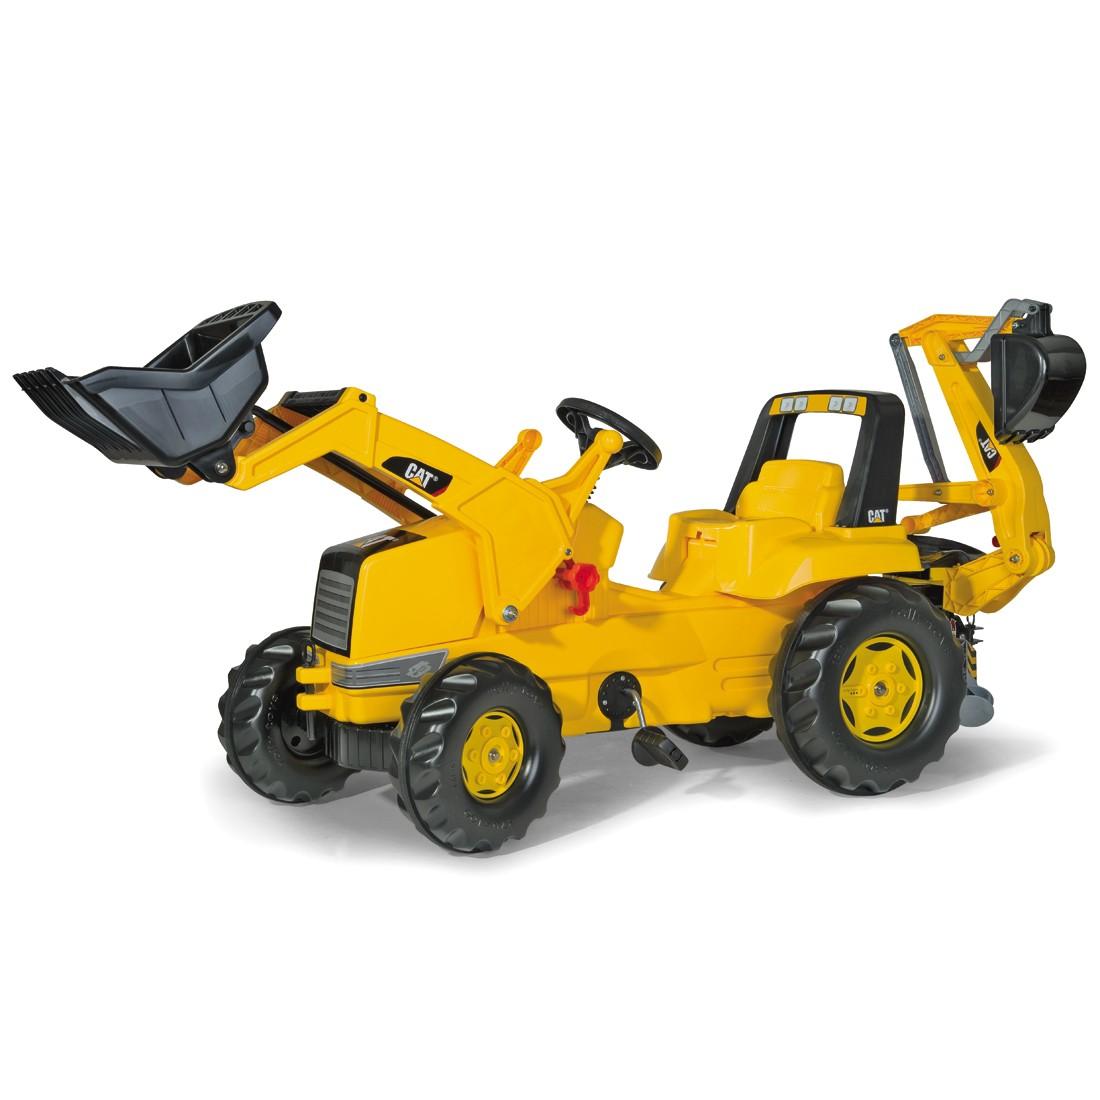 cat rolly toys kinder bagger mit lader, 196,99